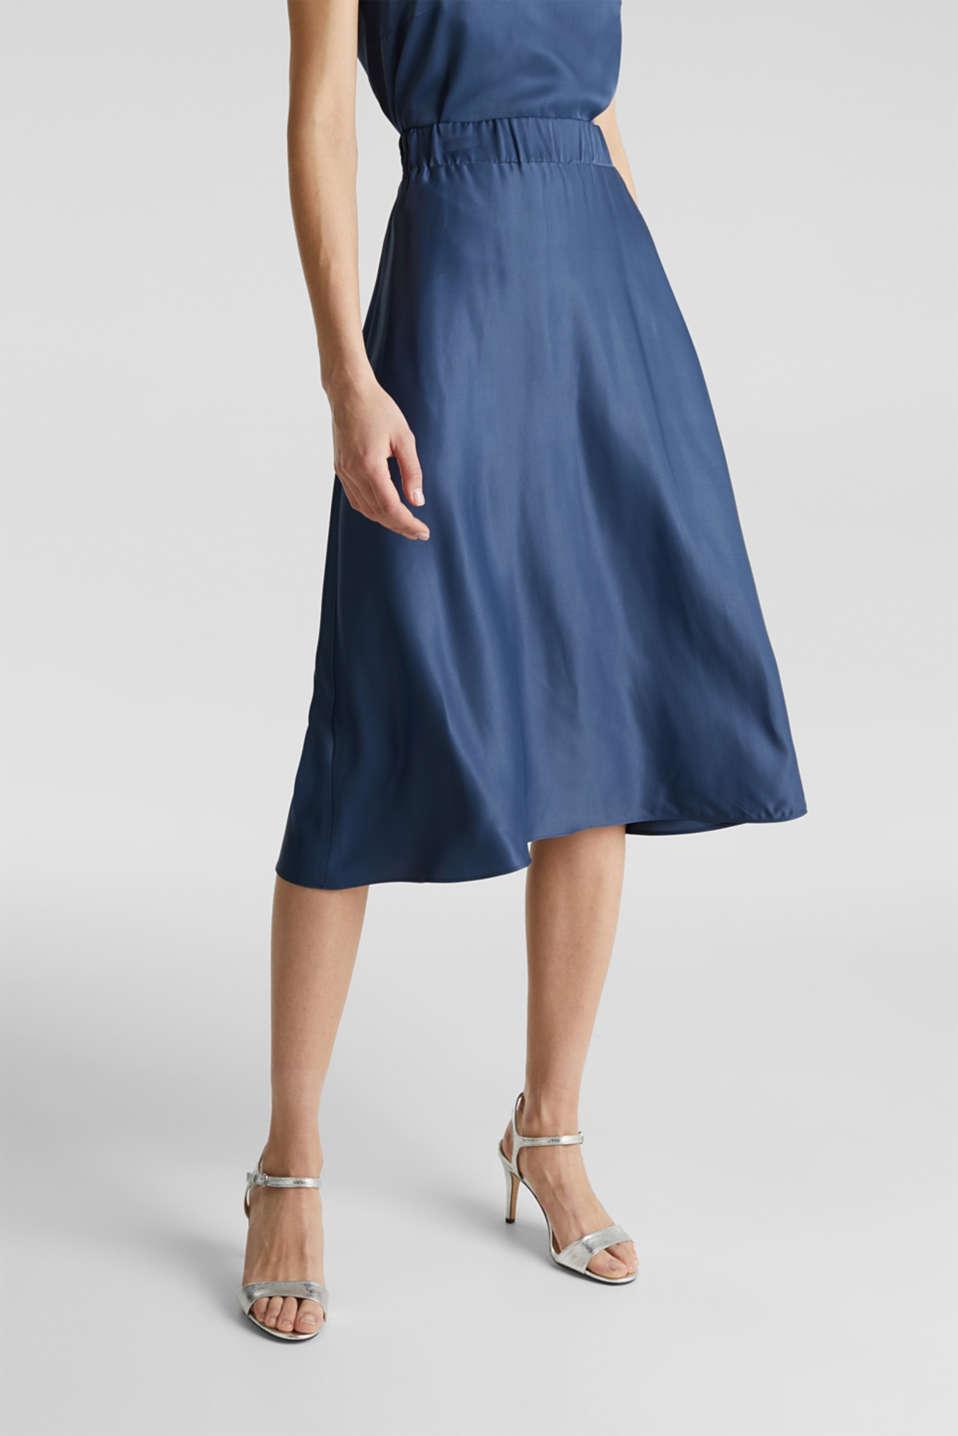 Flared satin skirt, PETROL BLUE 2, detail image number 4